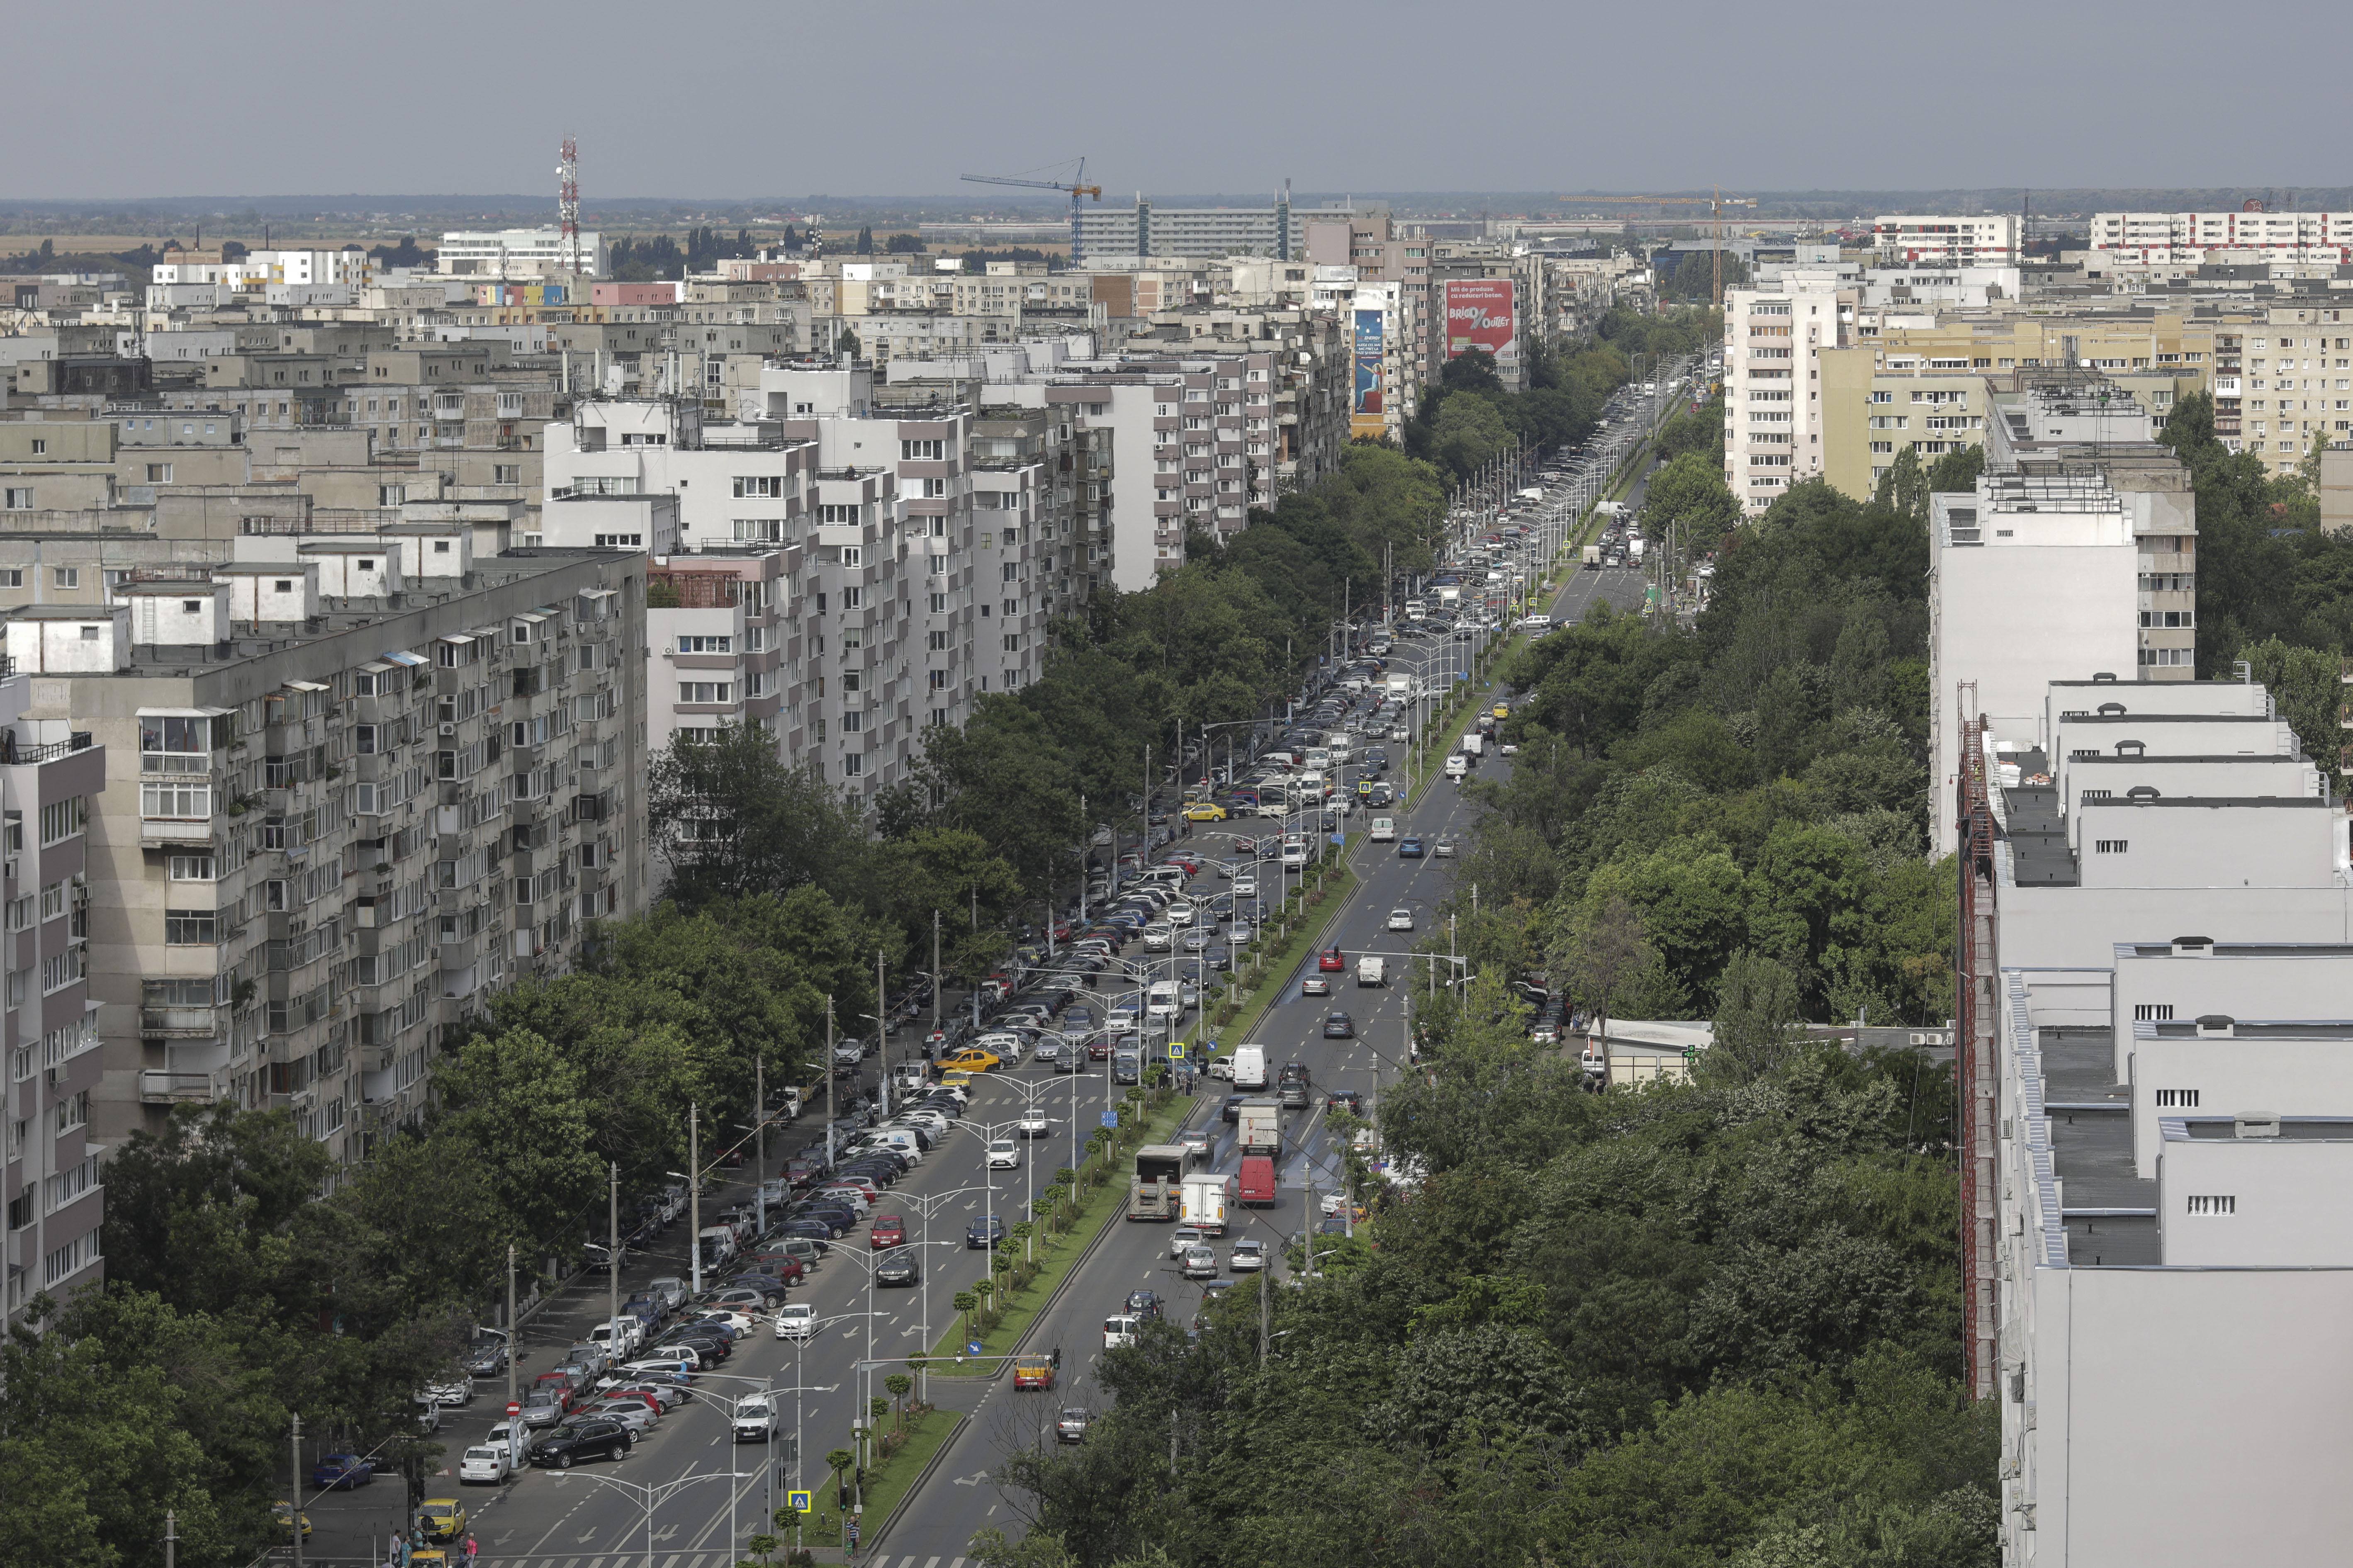 România are cele mai scumpe credite ipotecare din Europa. În schimb, locuințele sunt printre cele mai ieftine